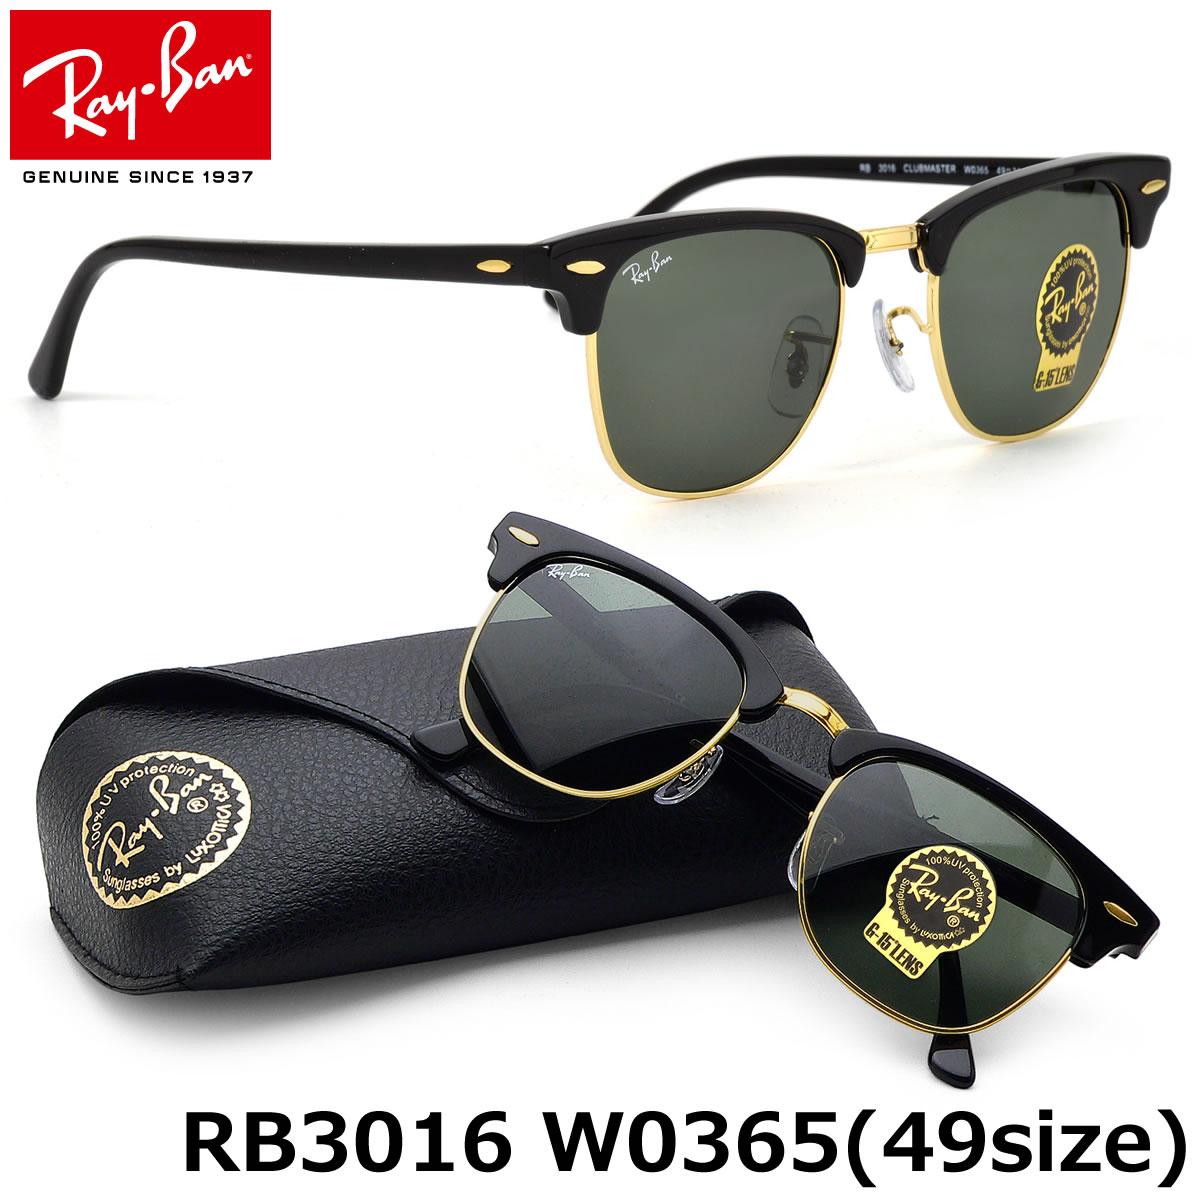 【Ray-Ban】(レイバン) クラブマスター サングラス RB3016 W0365 49…...:thats:10007766